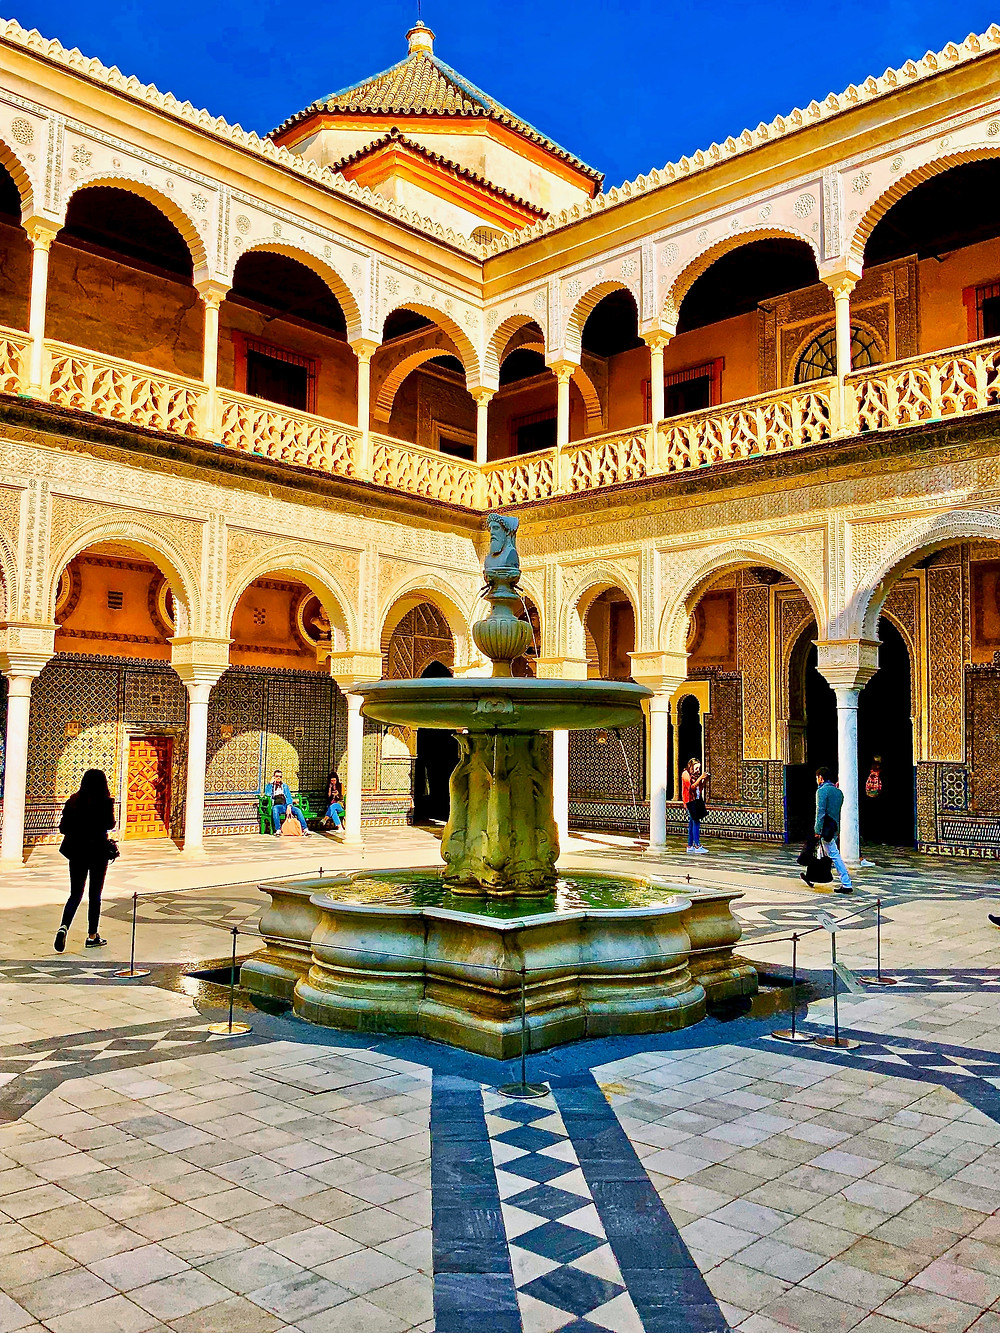 the Genoan fountain in the courtyard of the Casa de Pilatos